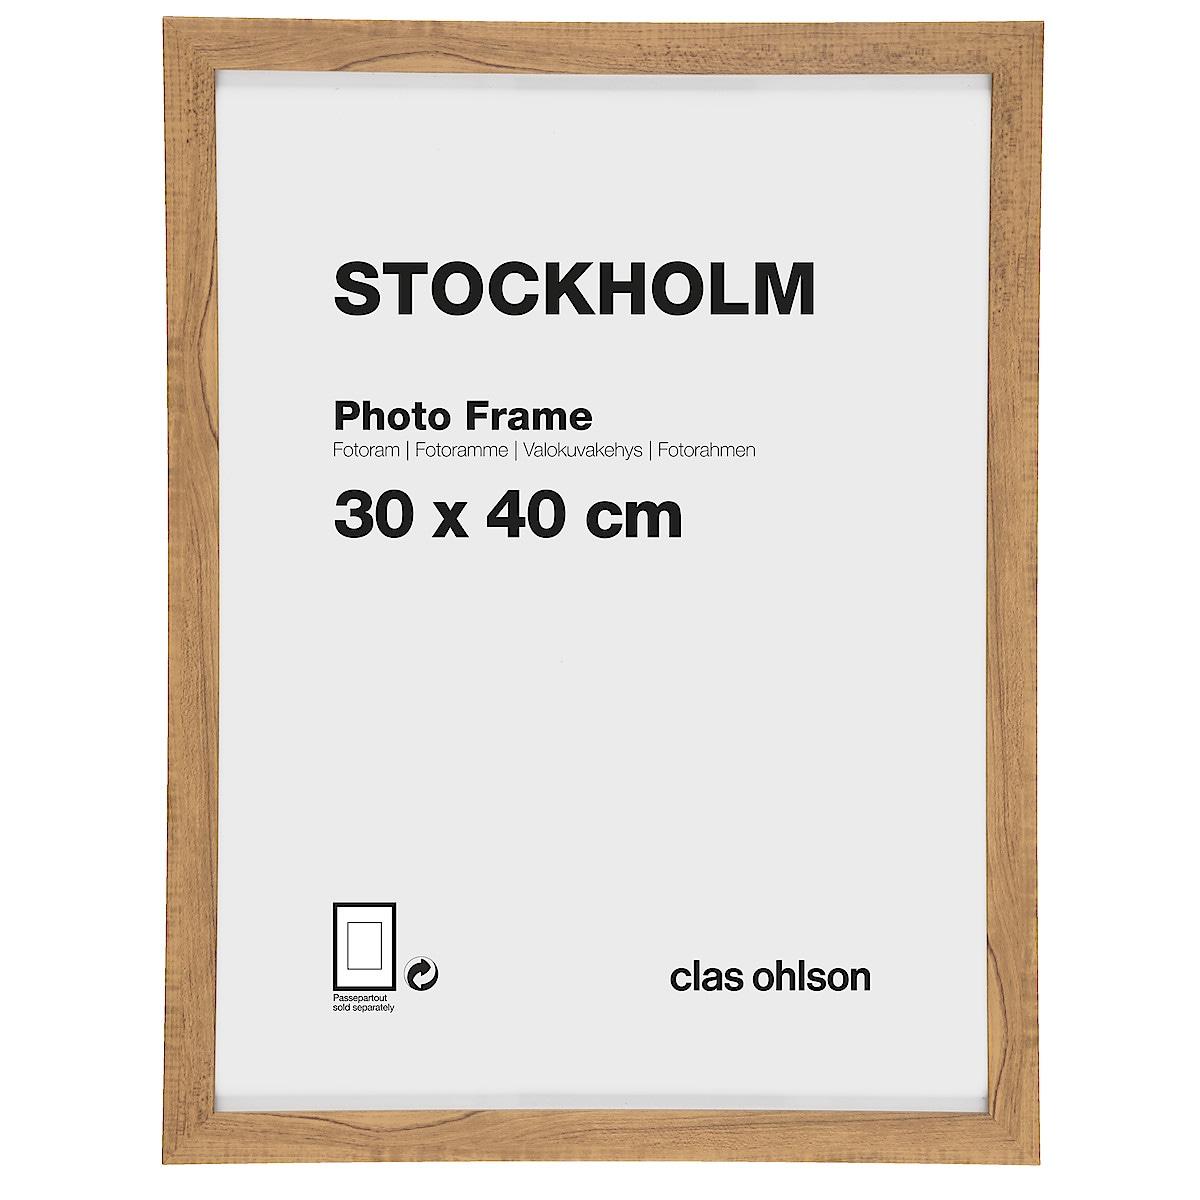 Fotoram Stockholm ek